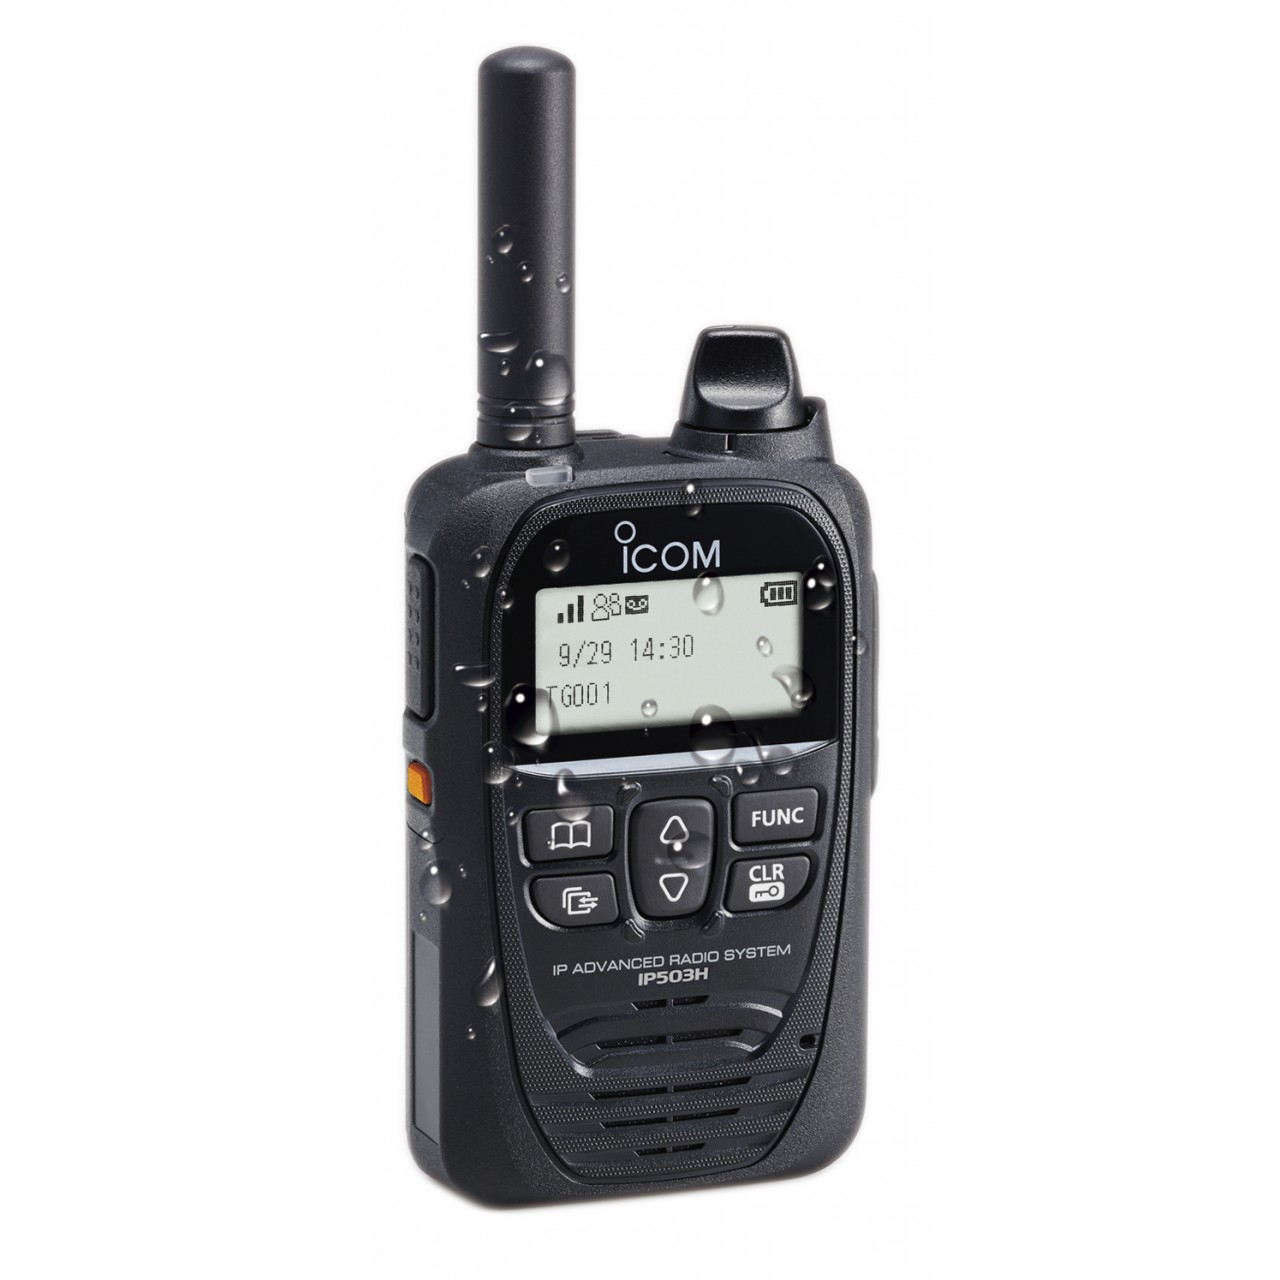 Portatif LTE ICOM IP503H avec des gouttes d'eau